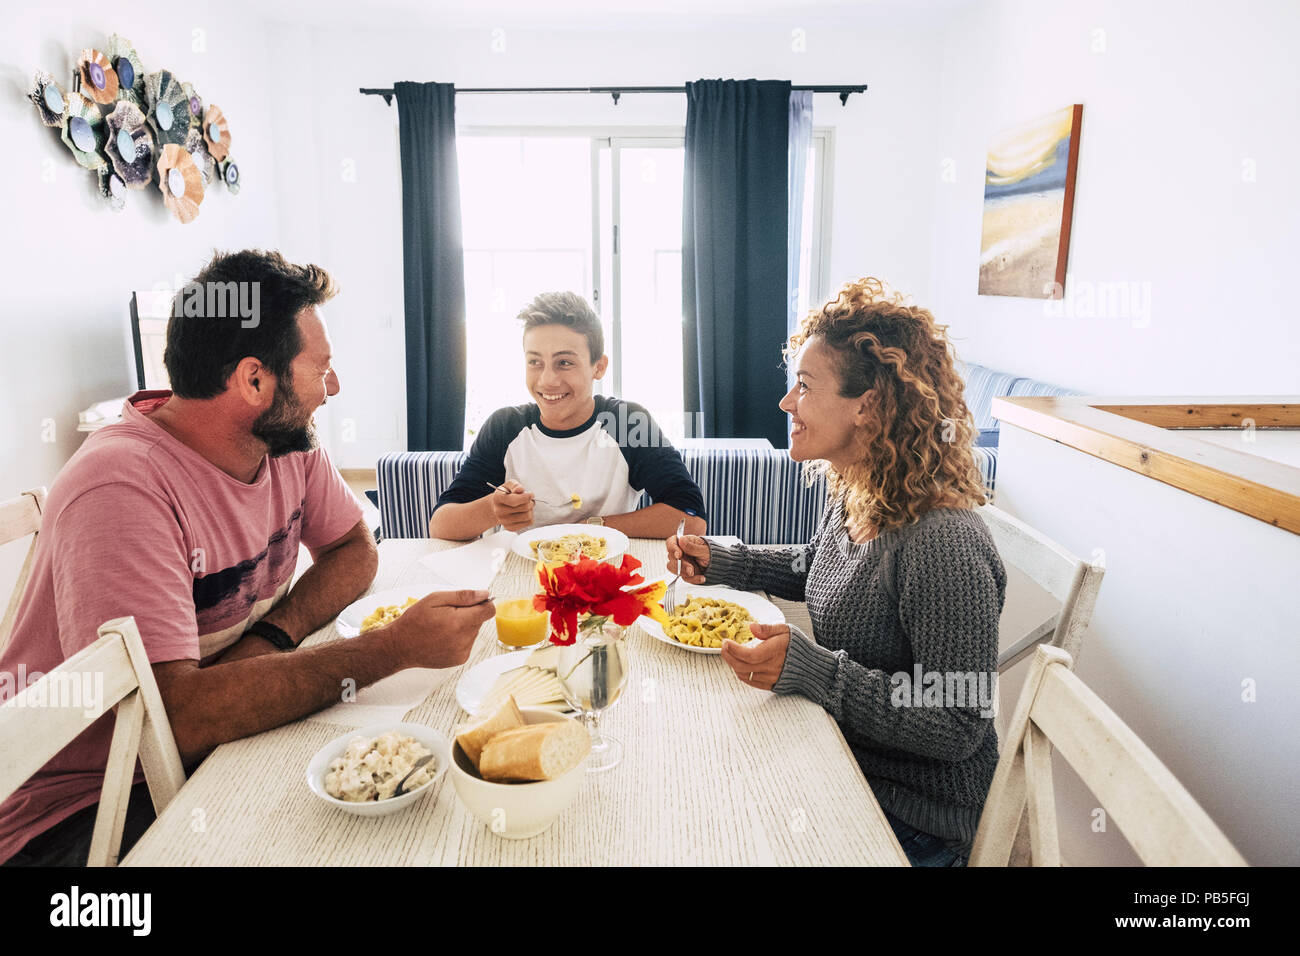 Feliz y alegre familia caucásico almorzando juntos en casa. pared blanca y brillante imagen. juntos, disfrutar el día sonriendo y mirando con amor Imagen De Stock